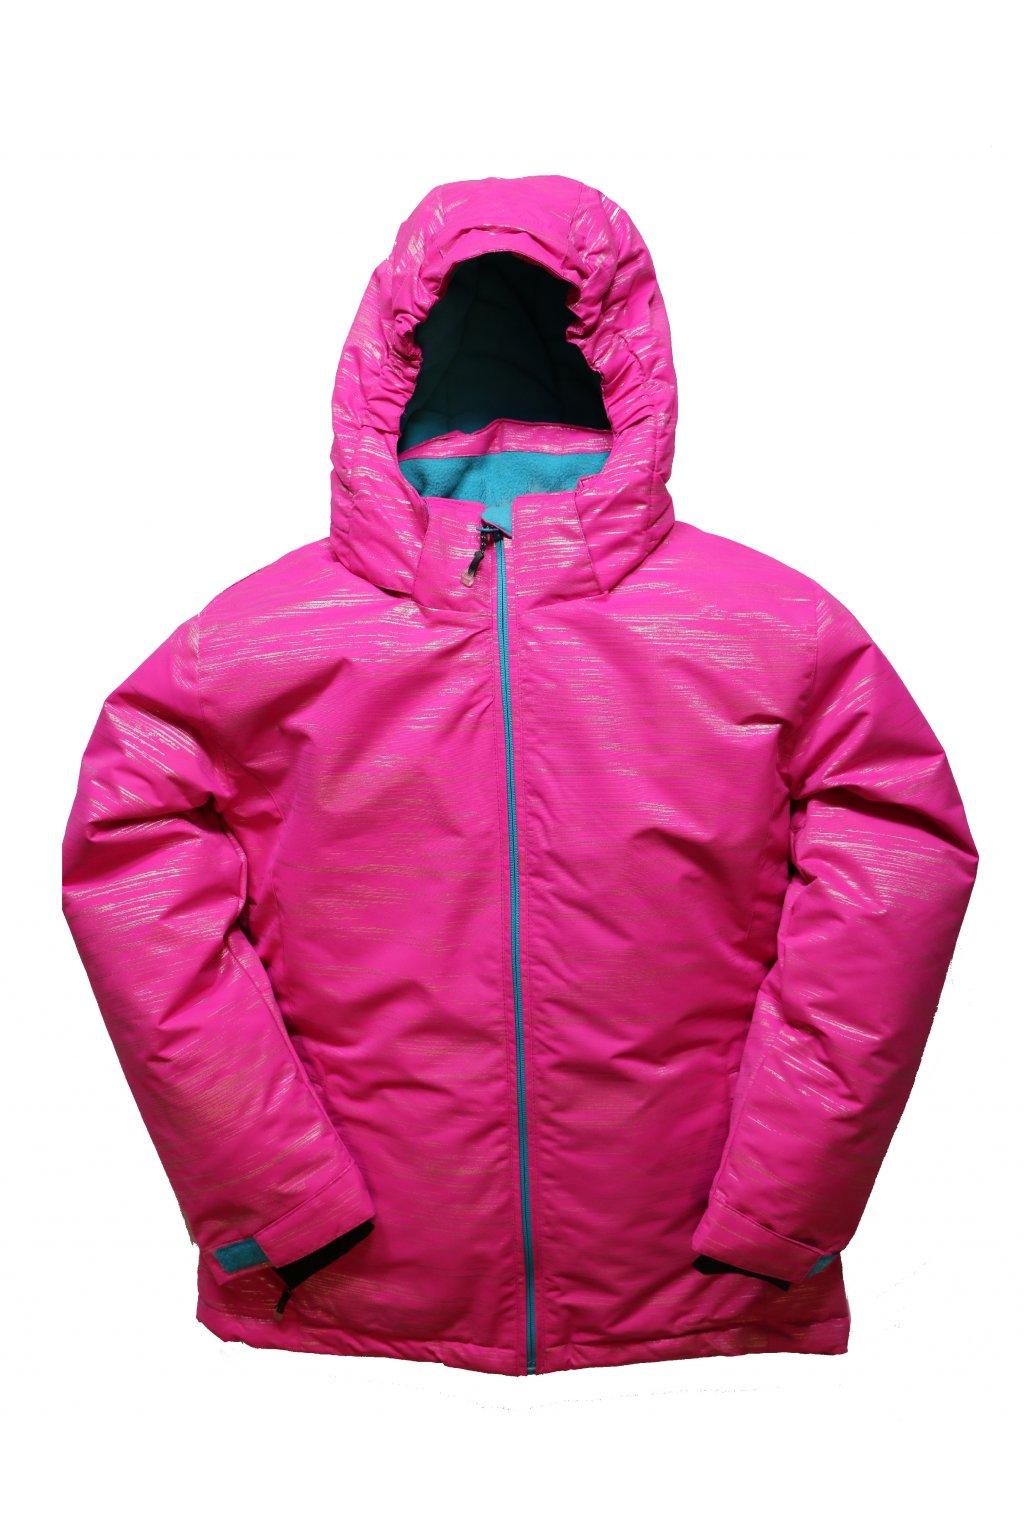 Dětská zimní bunda volného střihu HA04-M2 růžová vel. 134-164 cm